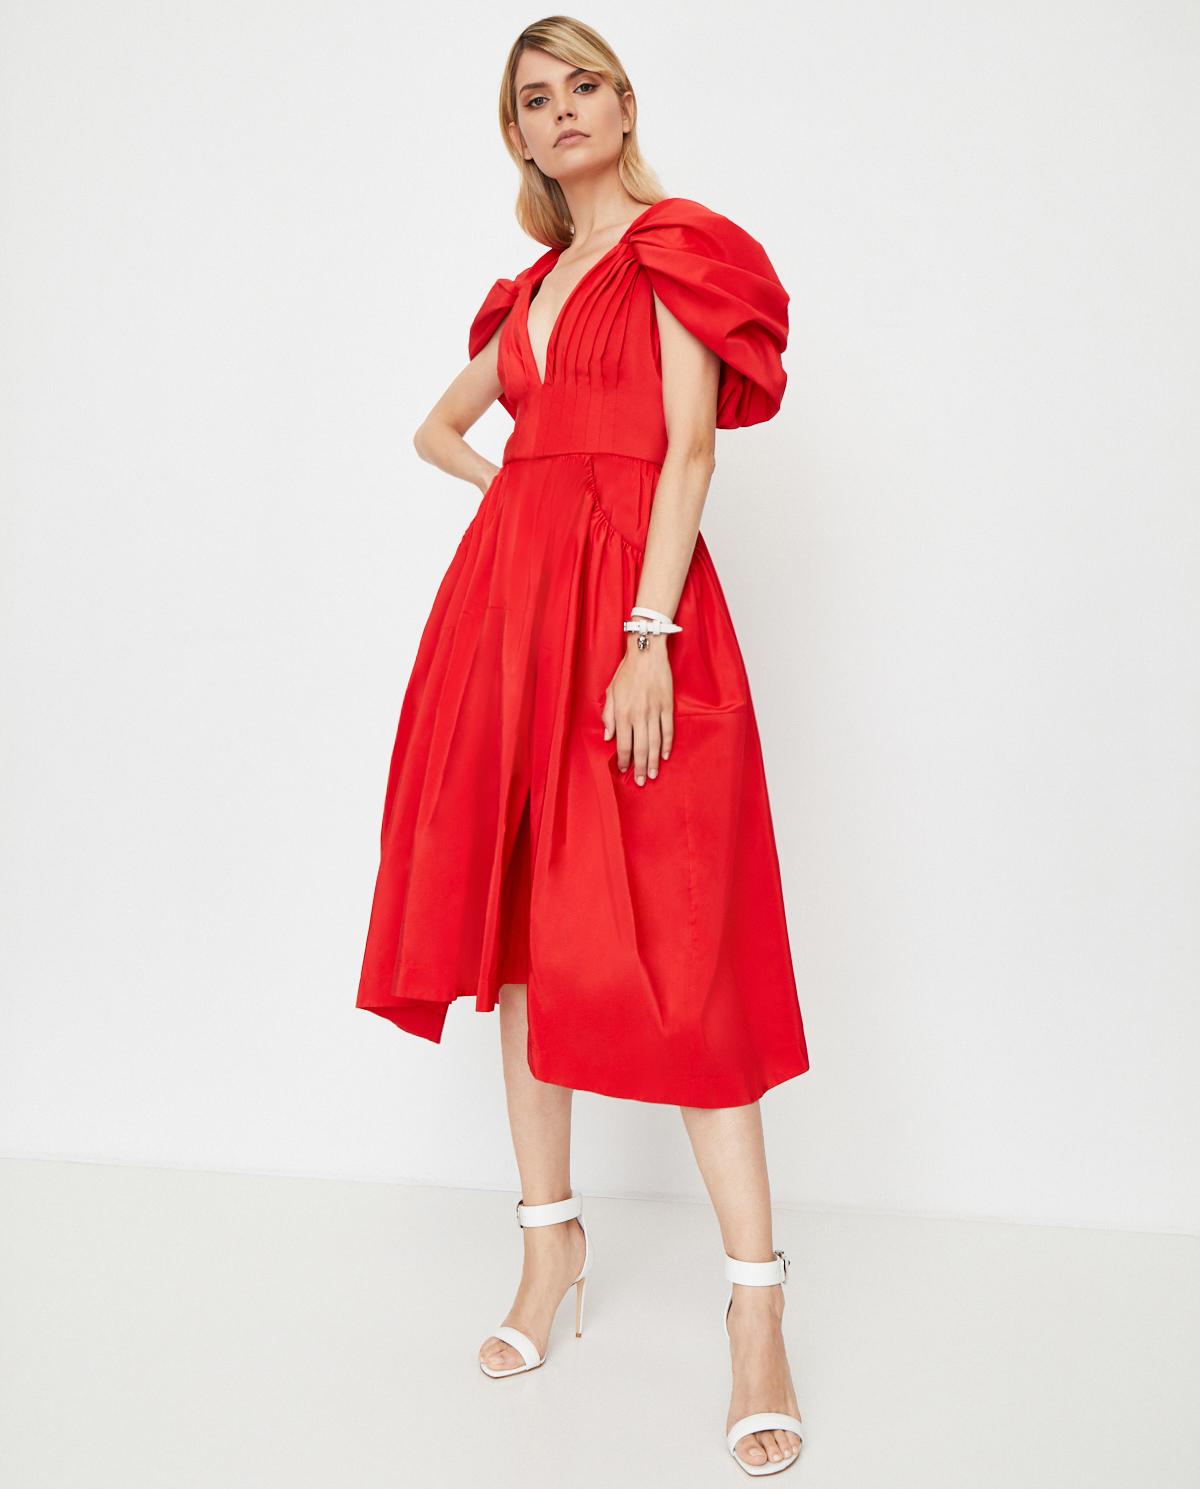 czerwona sukienka Alexander Mcqueen 620932 QEAA8 6610